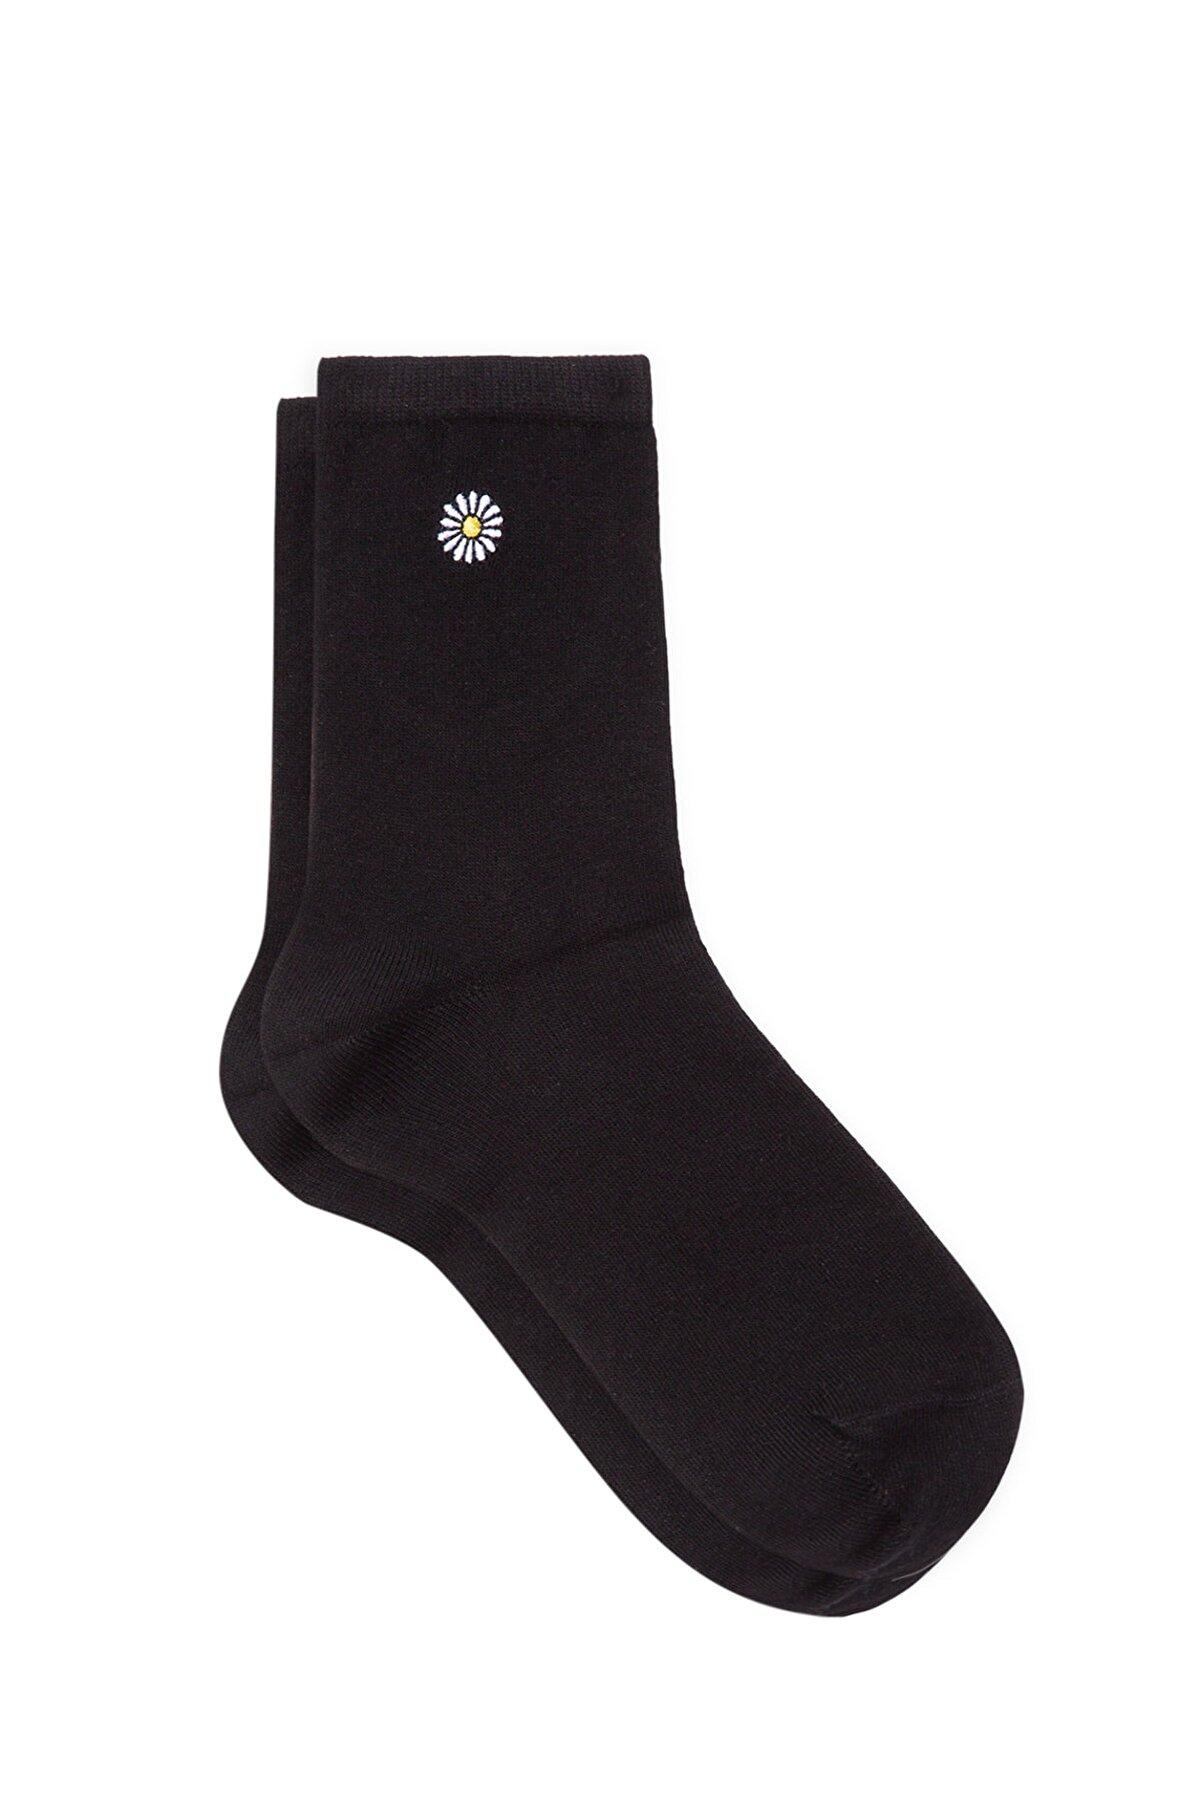 Mavi Kadın Papatya İşlemeli Siyah Soket Çorap 198282-900